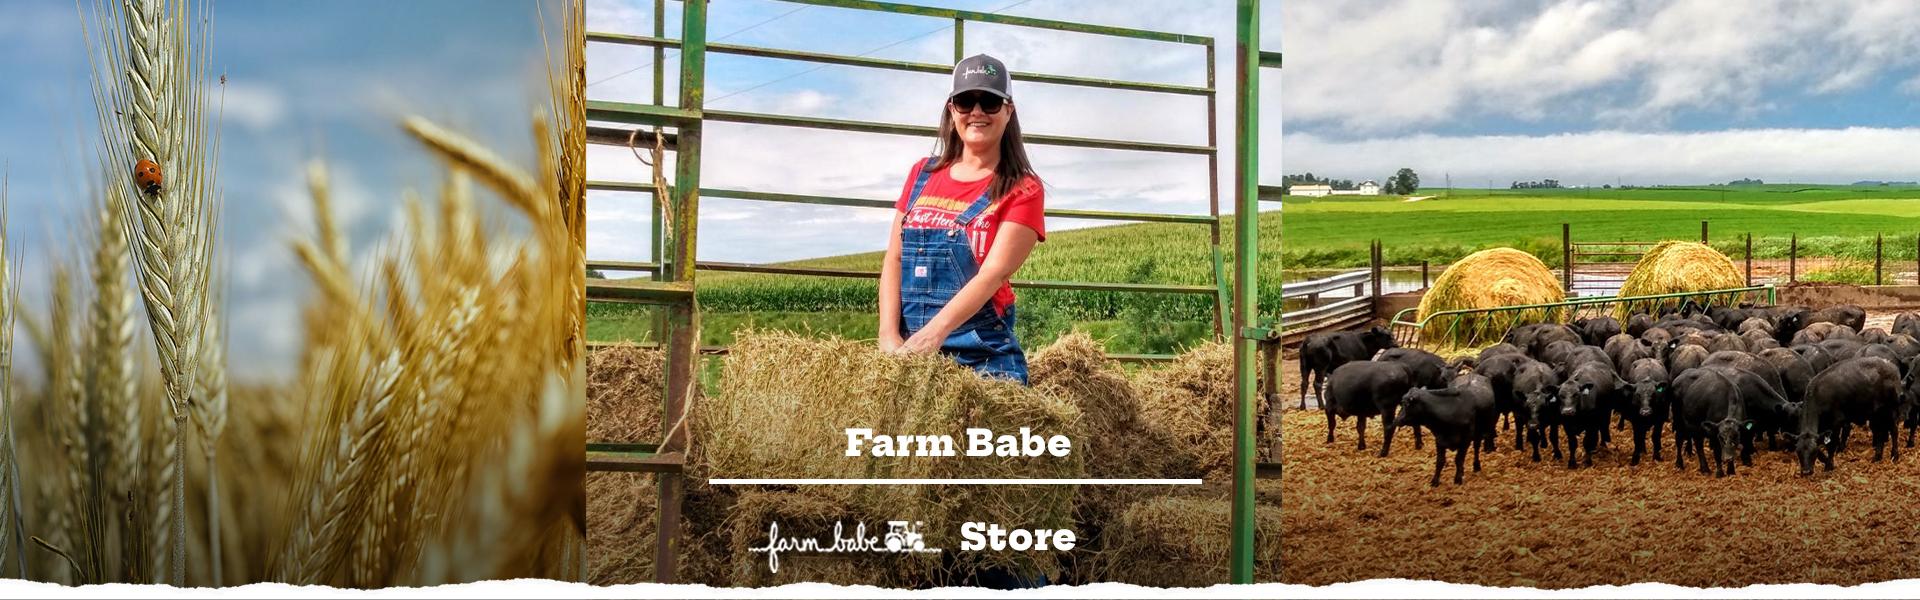 farm-babe-web-banner-a.jpg